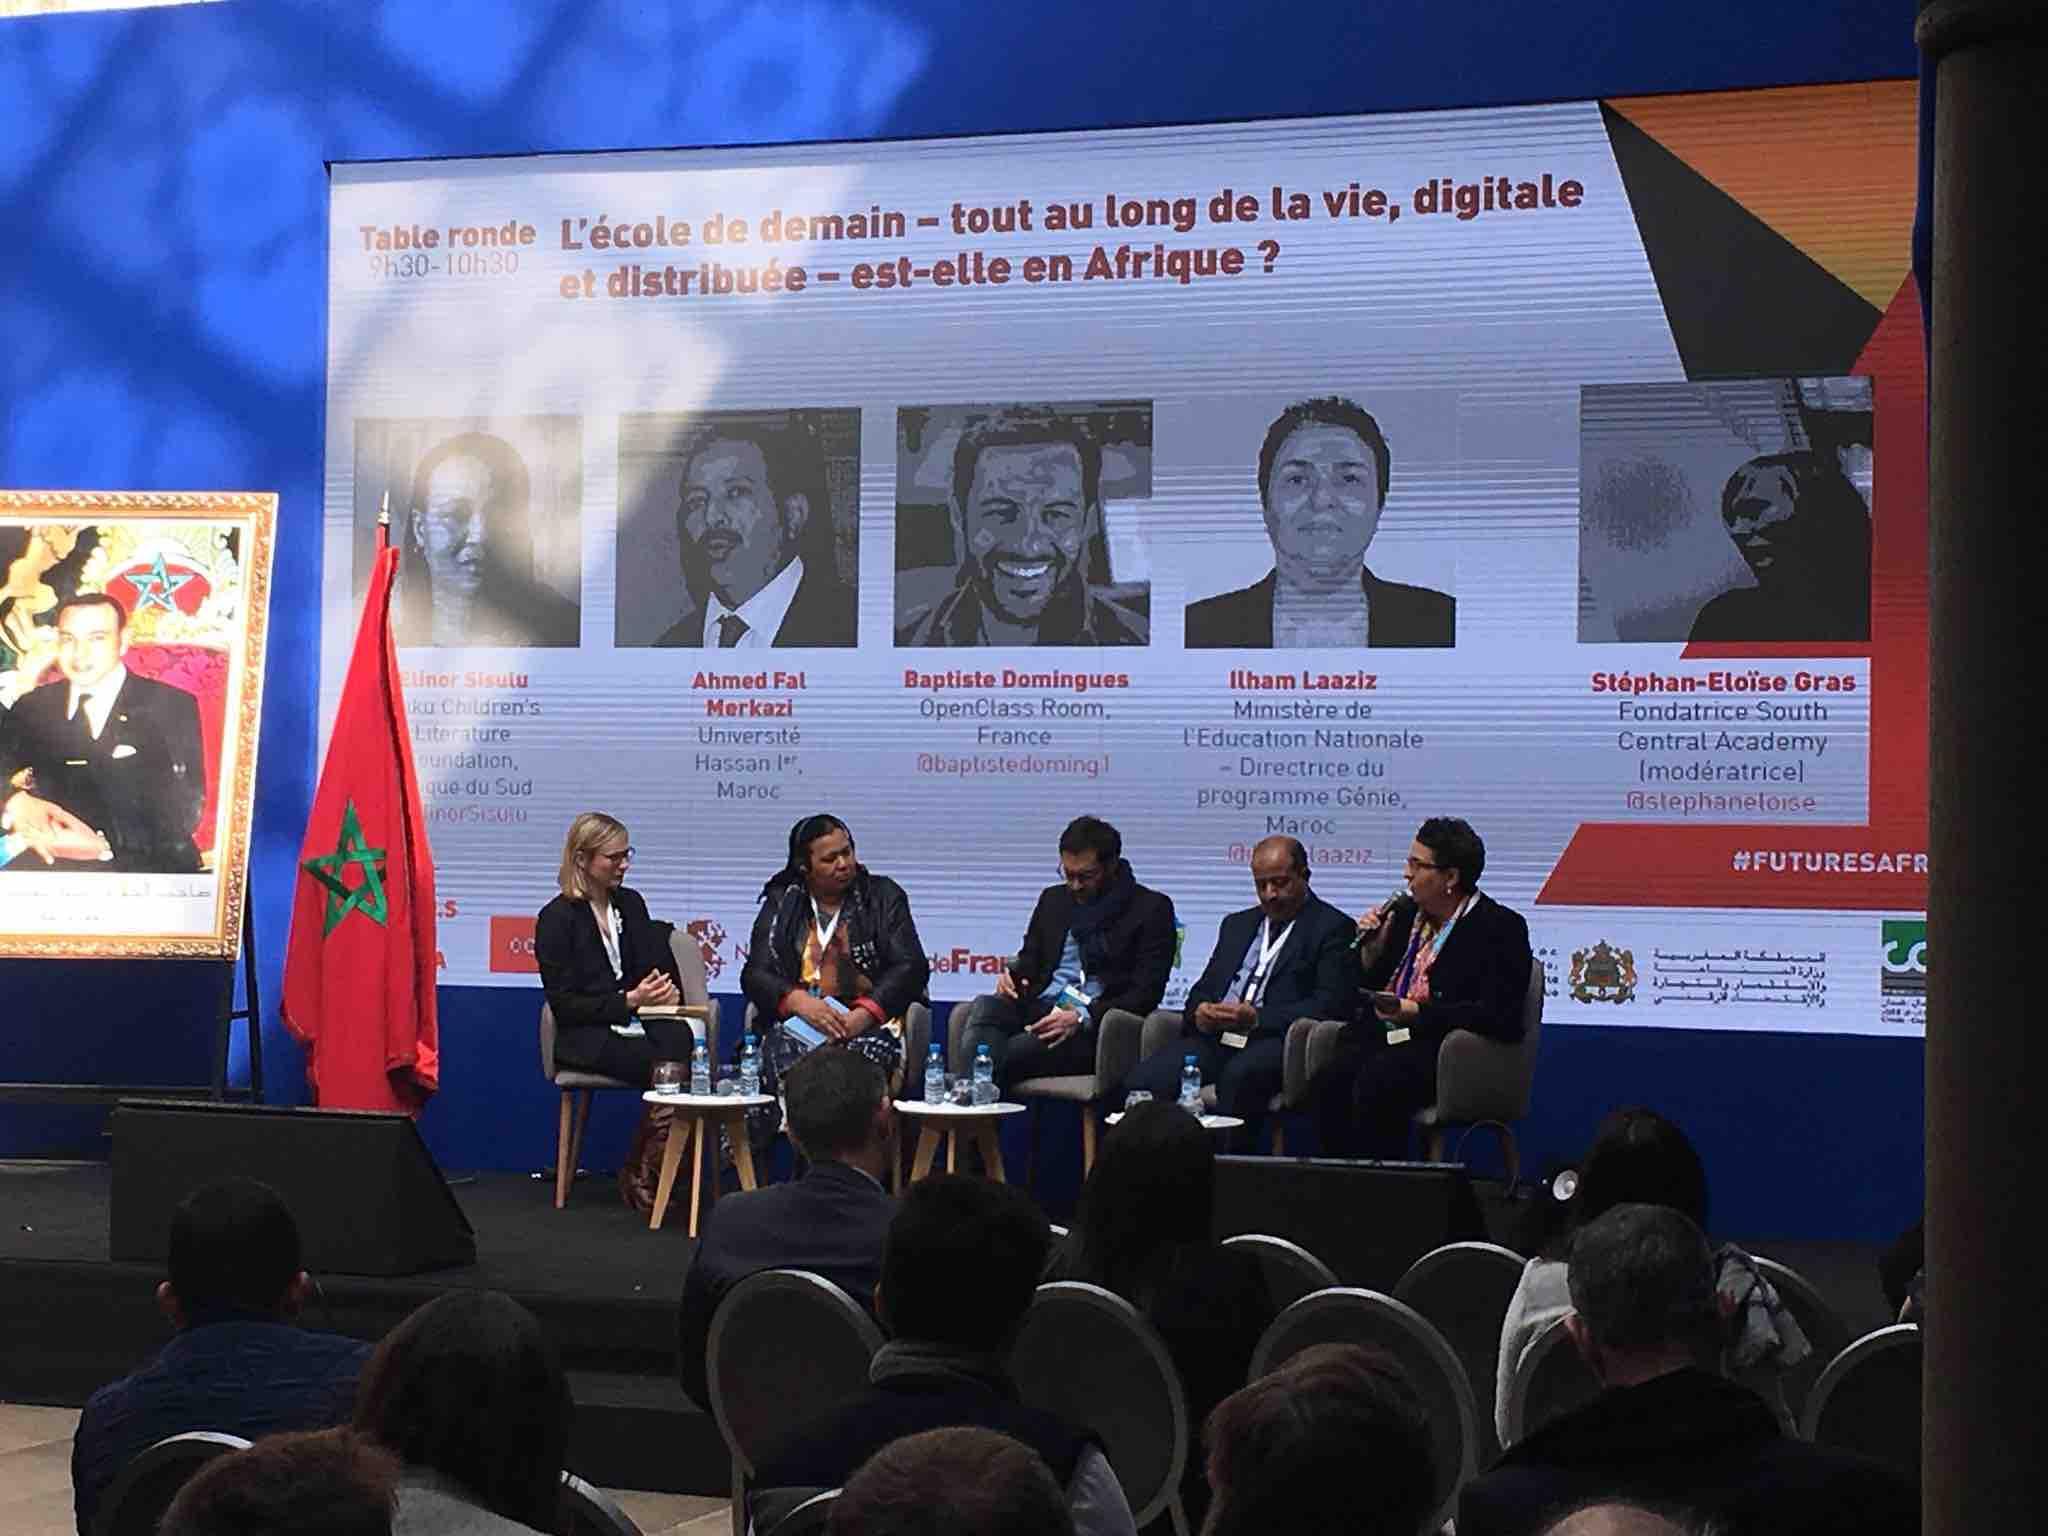 Prix Futur.e.s. In Africa et Prix Sprint : Découvrez les start-up gagnantes